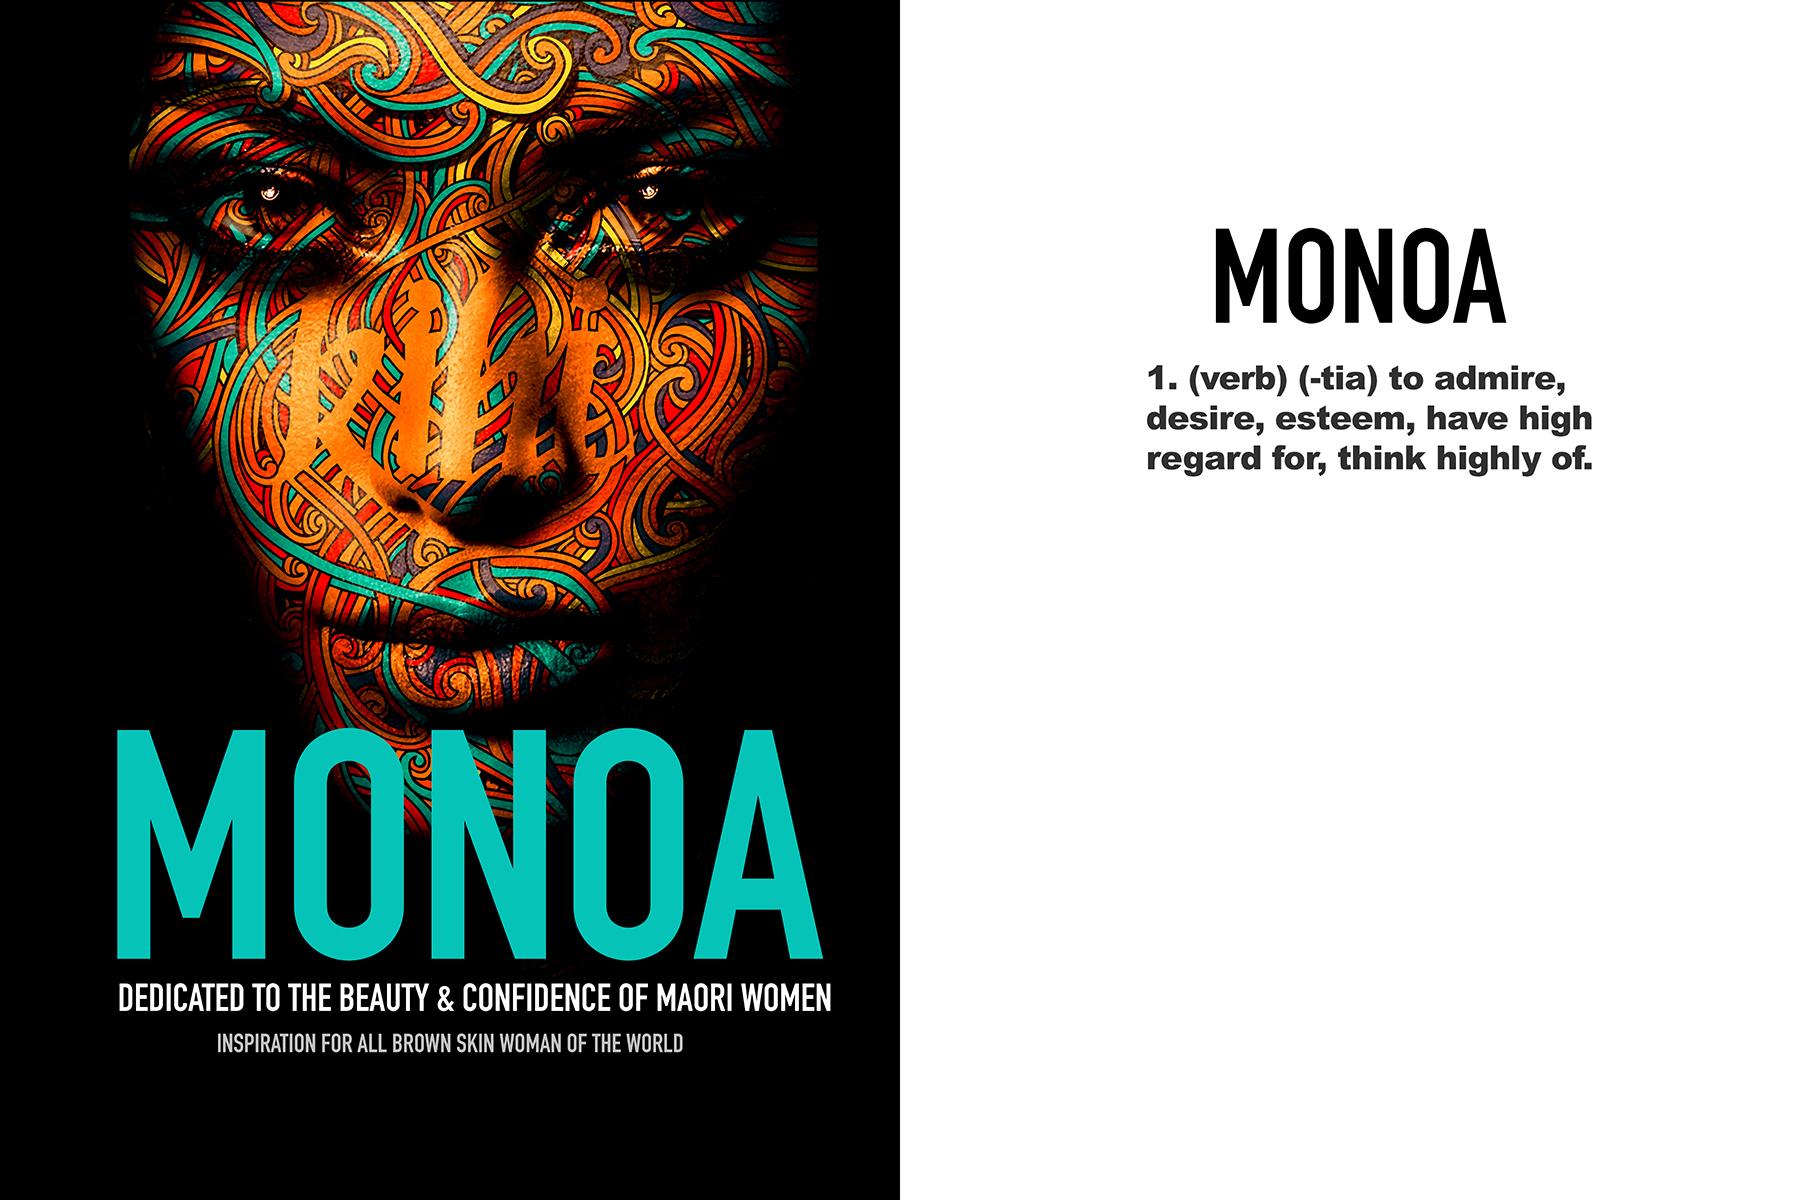 MONOA_001.jpg